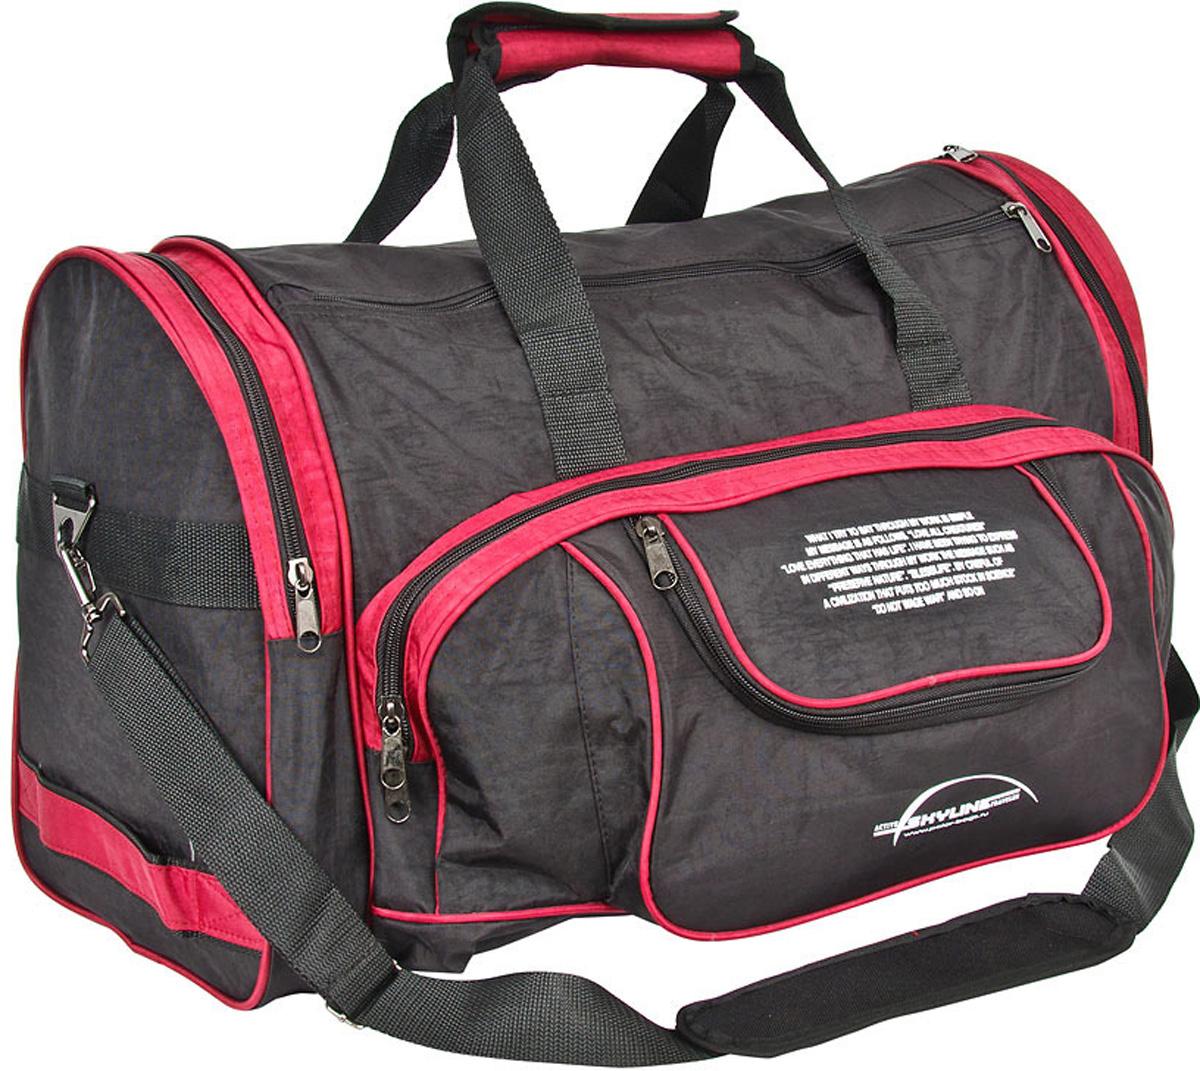 Сумка спортивная Polar Тревел, цвет: черный, красный, 44,5 л, 55 х 27 х 30 см. 60666066Материал – полиэстер с водоотталкивающей пропиткой. Вместительная спортивная сумка среднего размера. Одно отделение. Два боковых кармана и два кармана на передней части. В комплект входит съемный плечевой ремень. Эта сумка идеально подойдет для спорта и отдыха. Спортивная сумка для ваших вещей.